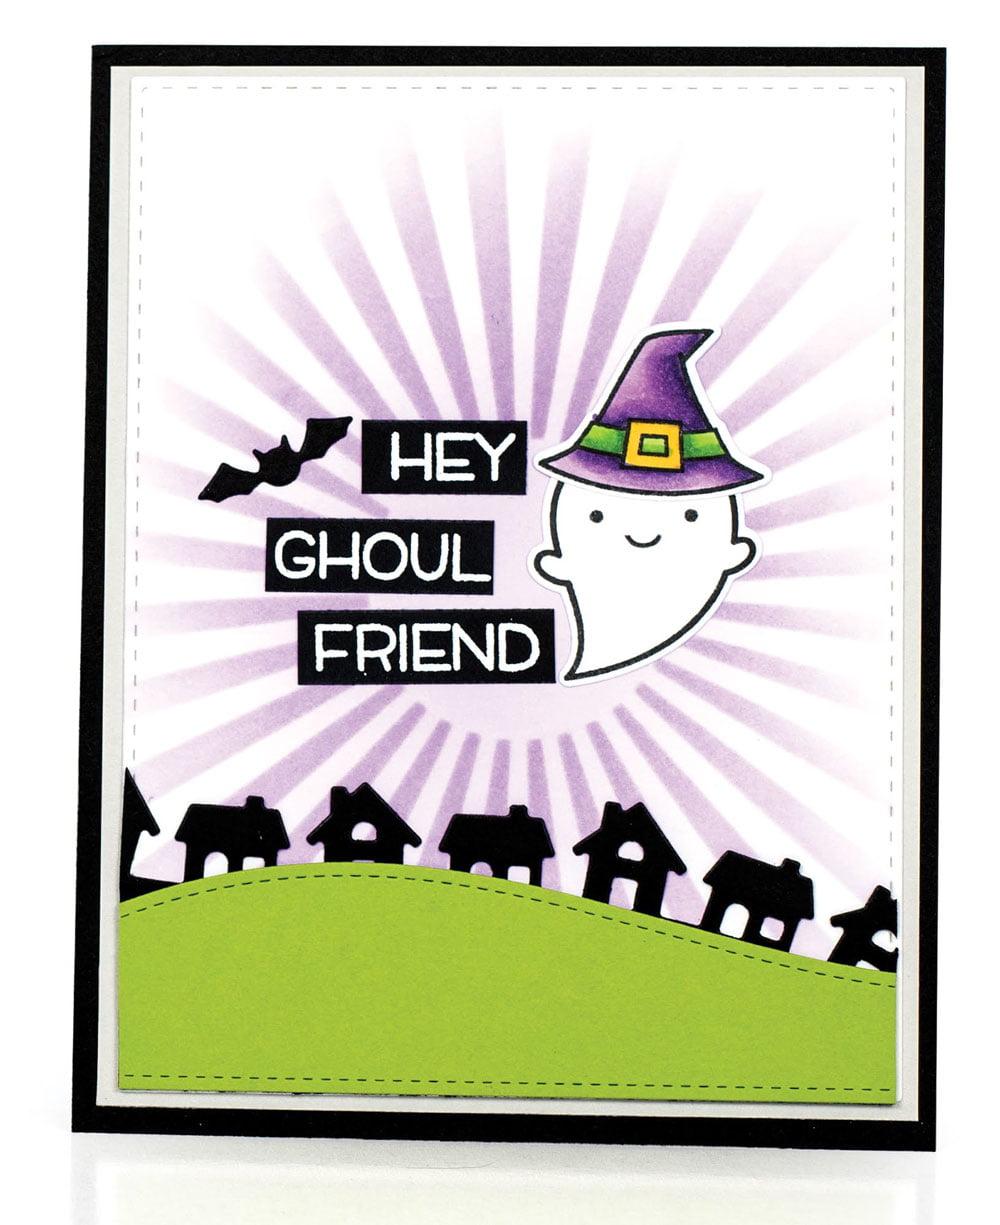 SCT Fall 2018 - Hey Ghoul Friend by Mindy Eggen